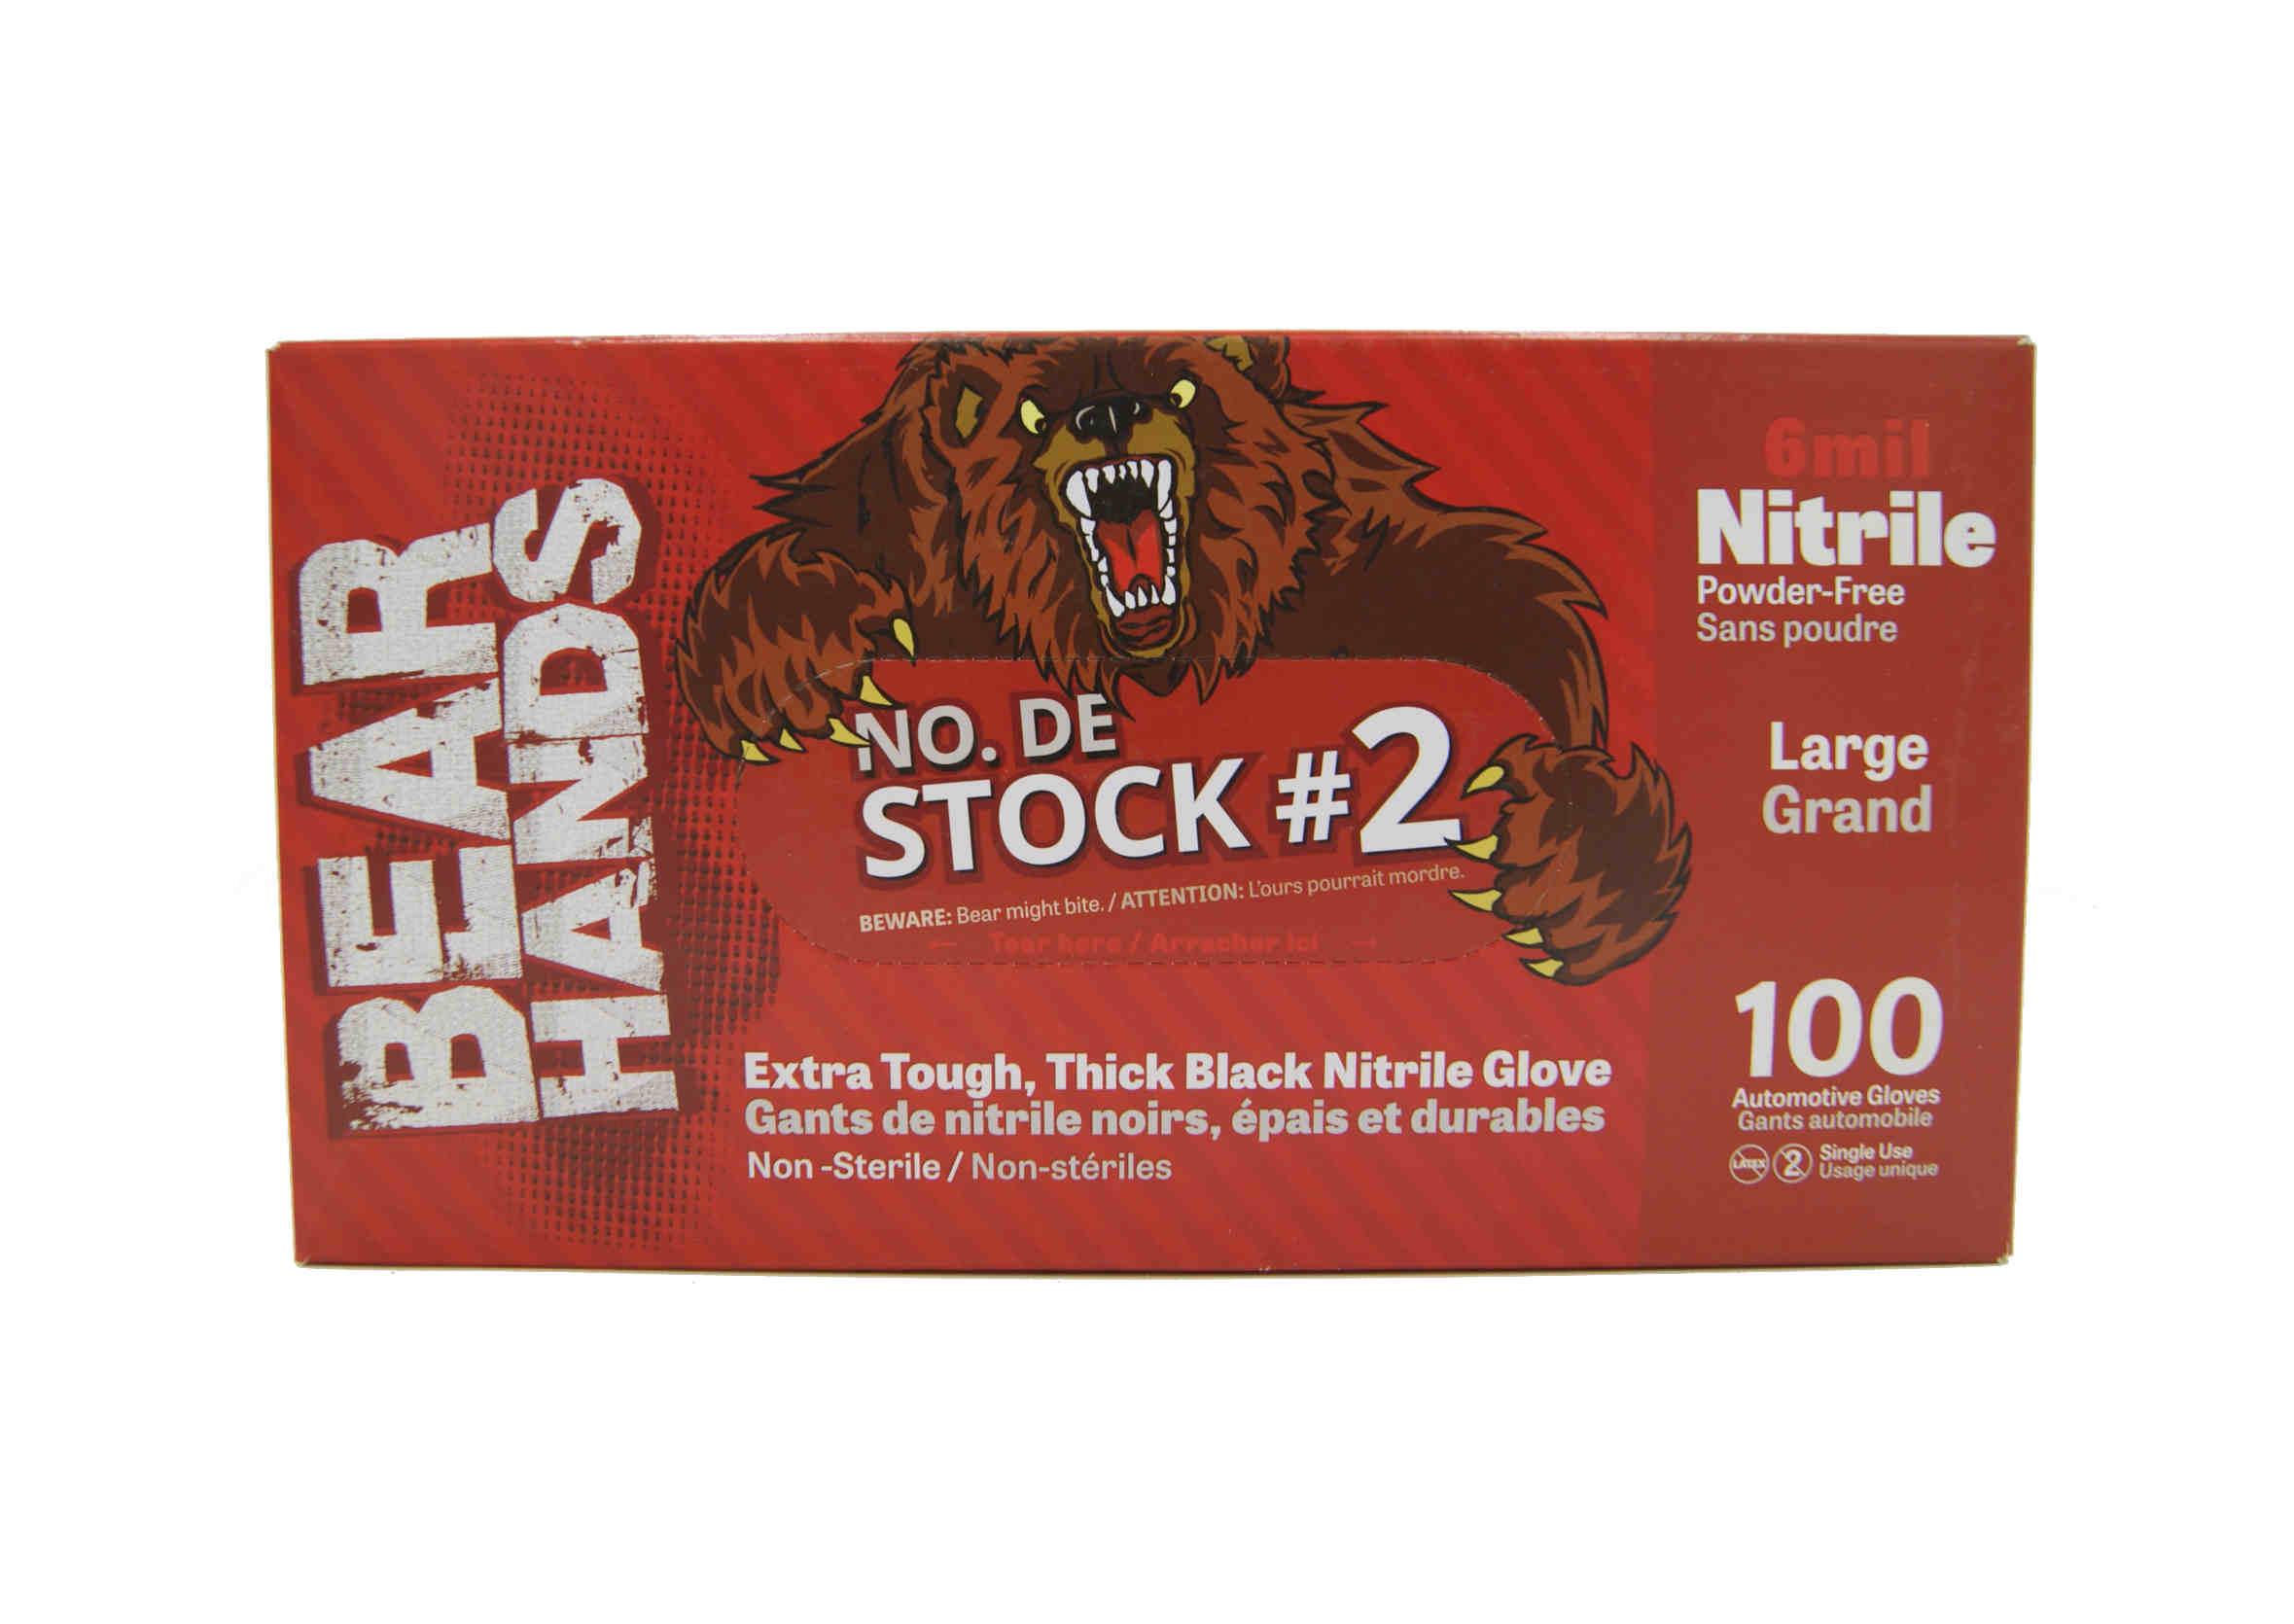 Kleen-Flo Rękawice Serwisowe Nitrylowe Bear Hands Rozmiar L 100 sztuk